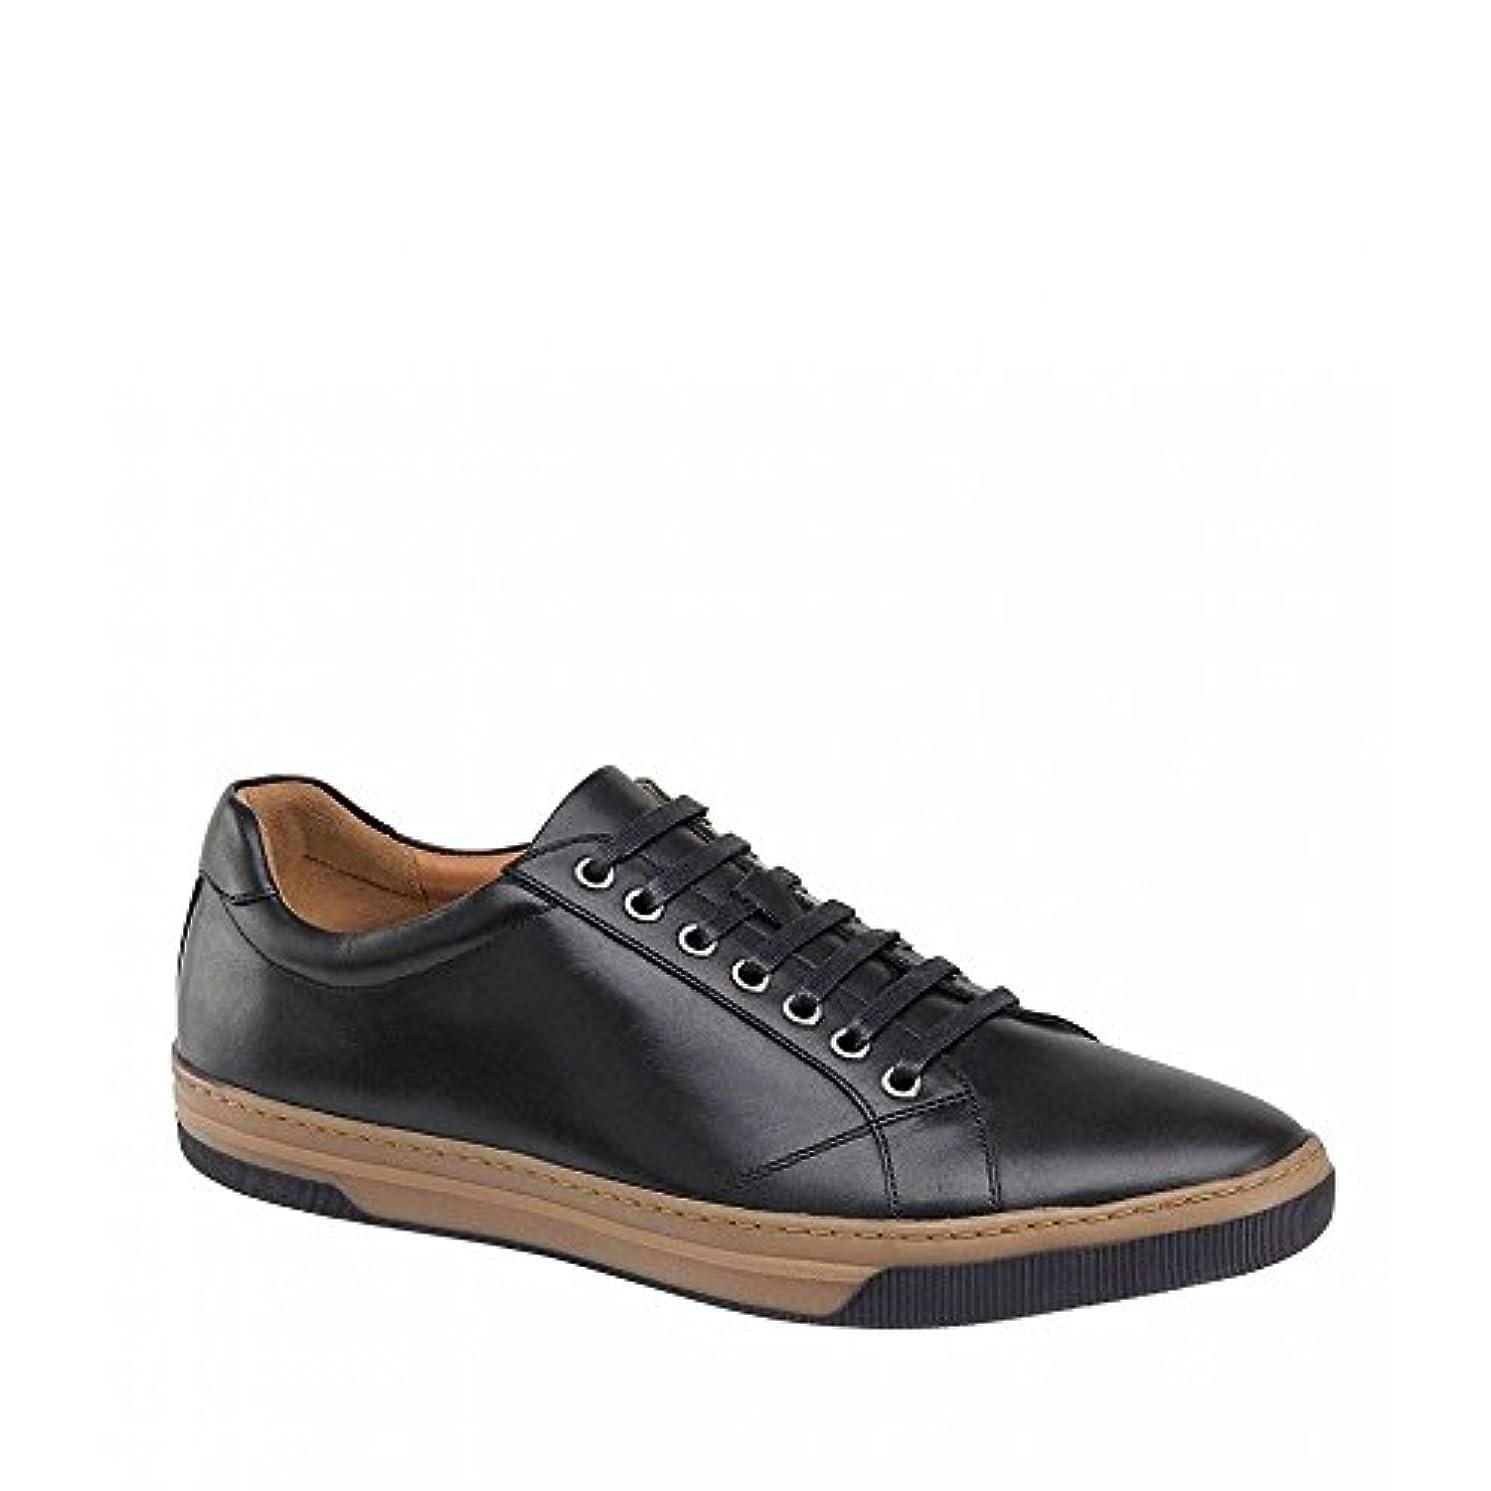 姓保持する縞模様の(ジョンストン&マーフィー) Johnston & Murphy メンズ シューズ?靴 革靴?ビジネスシューズ Fenton Lace-To-Toe Oxfords [並行輸入品]